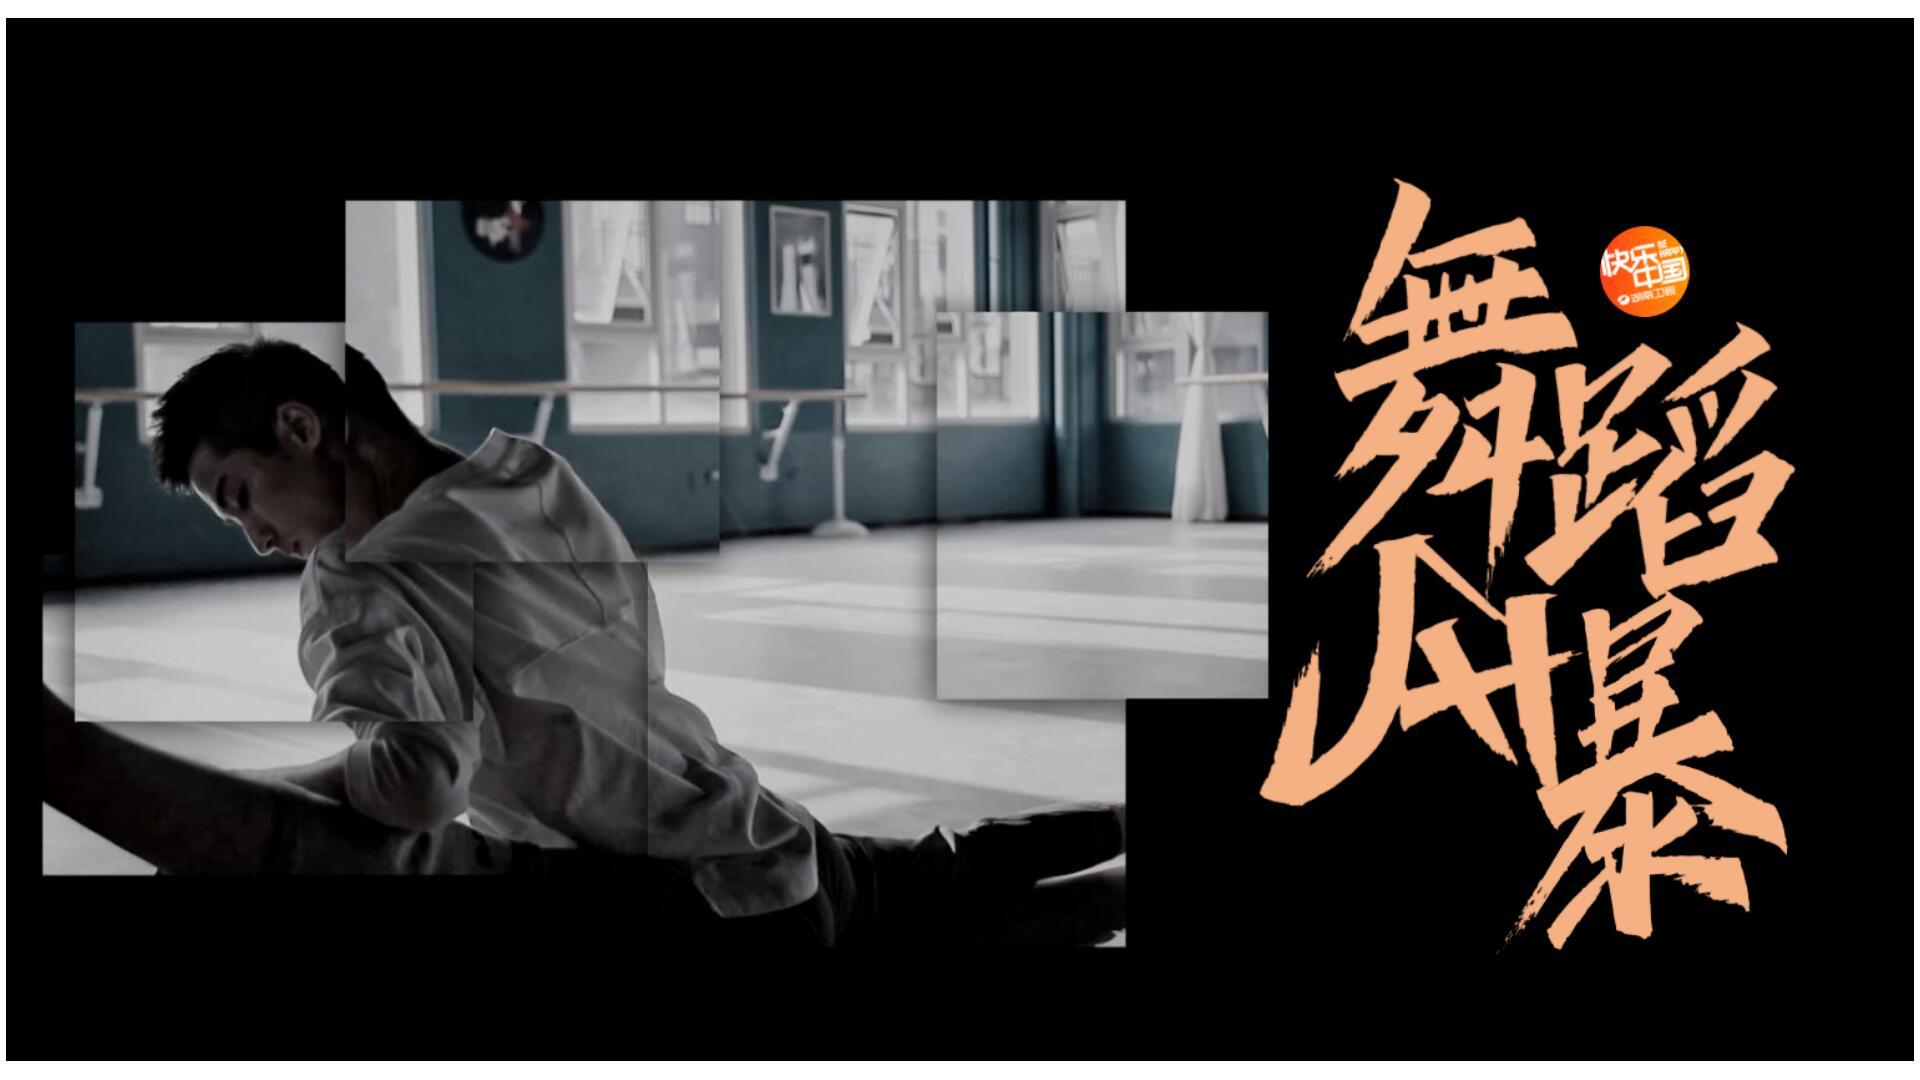 音扬传播_湖南卫视《舞蹈风暴》广告价格_湖南卫视节目广告资源